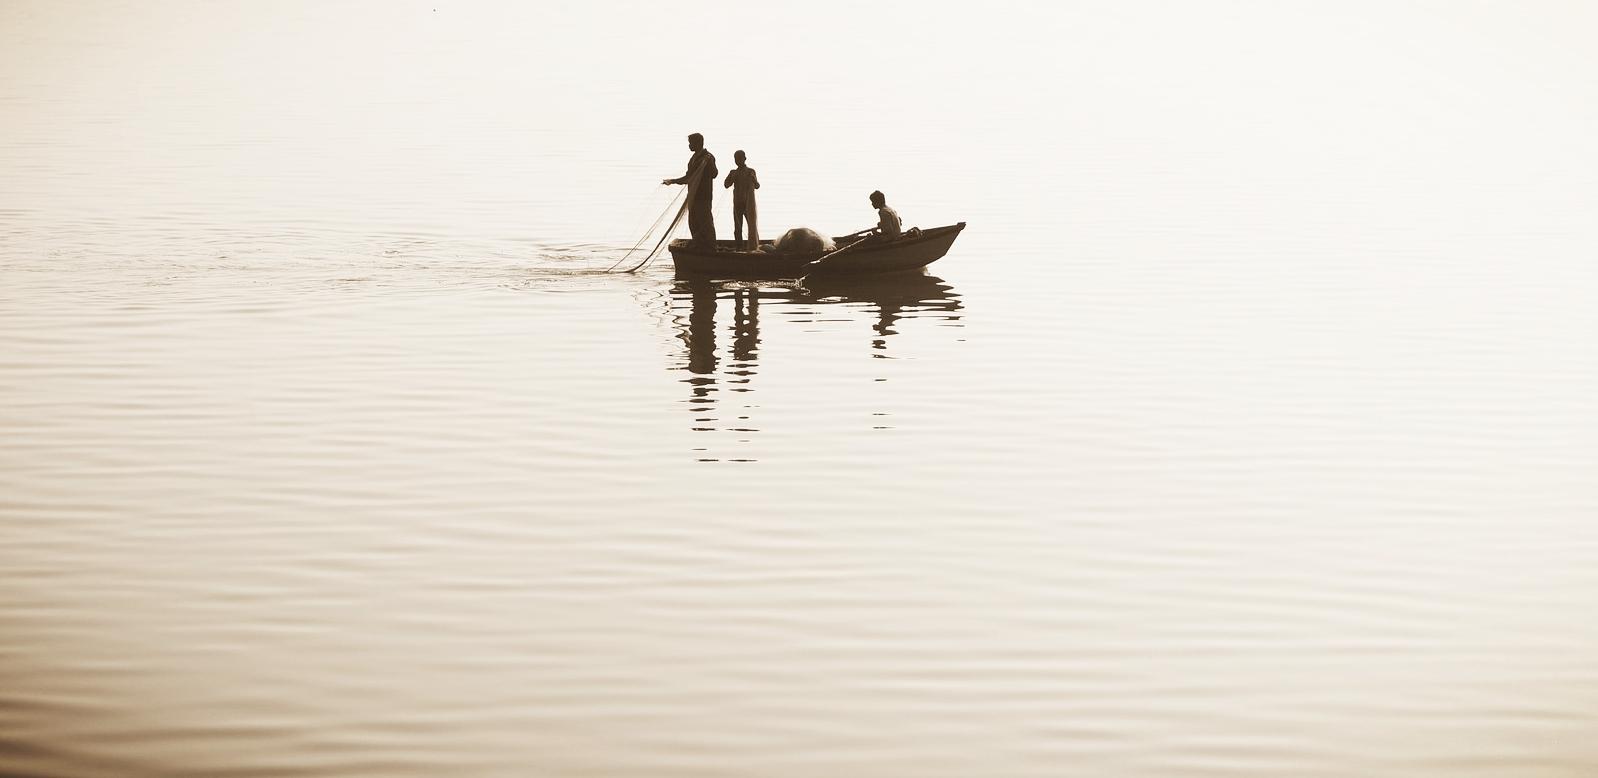 fishing-427910_1920.jpg